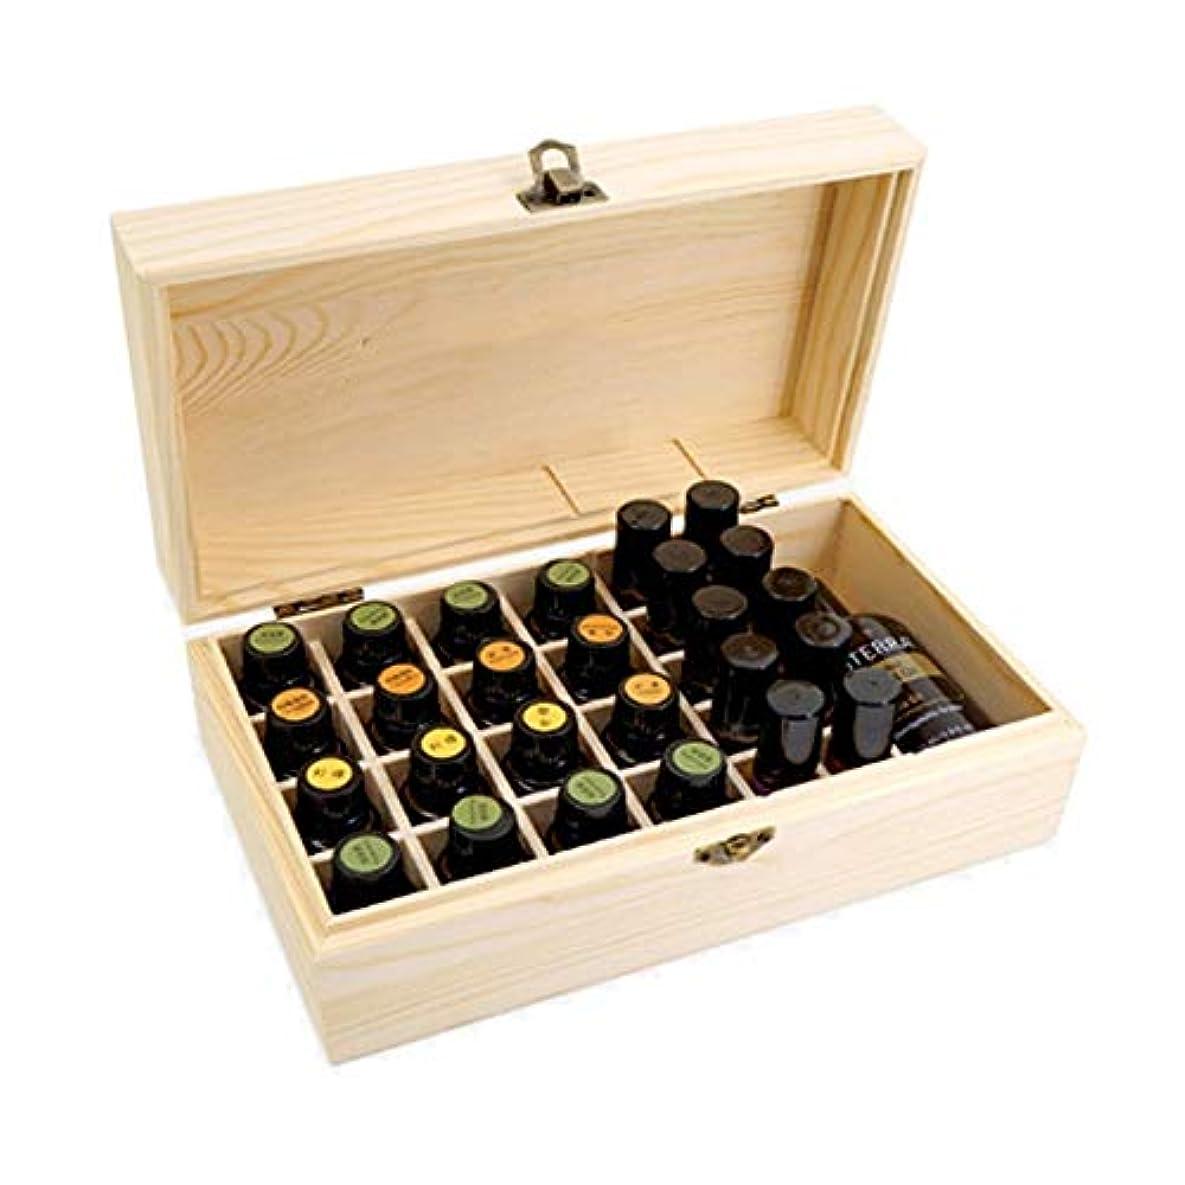 ボイドエッセンス葉っぱキャリングそしてホームストレージディスプレイ用の18スロット木エッセンシャルオイルオーガナイザーストレージボックス金庫 アロマセラピー製品 (色 : Natural, サイズ : 25.5X14.8X9.9CM)